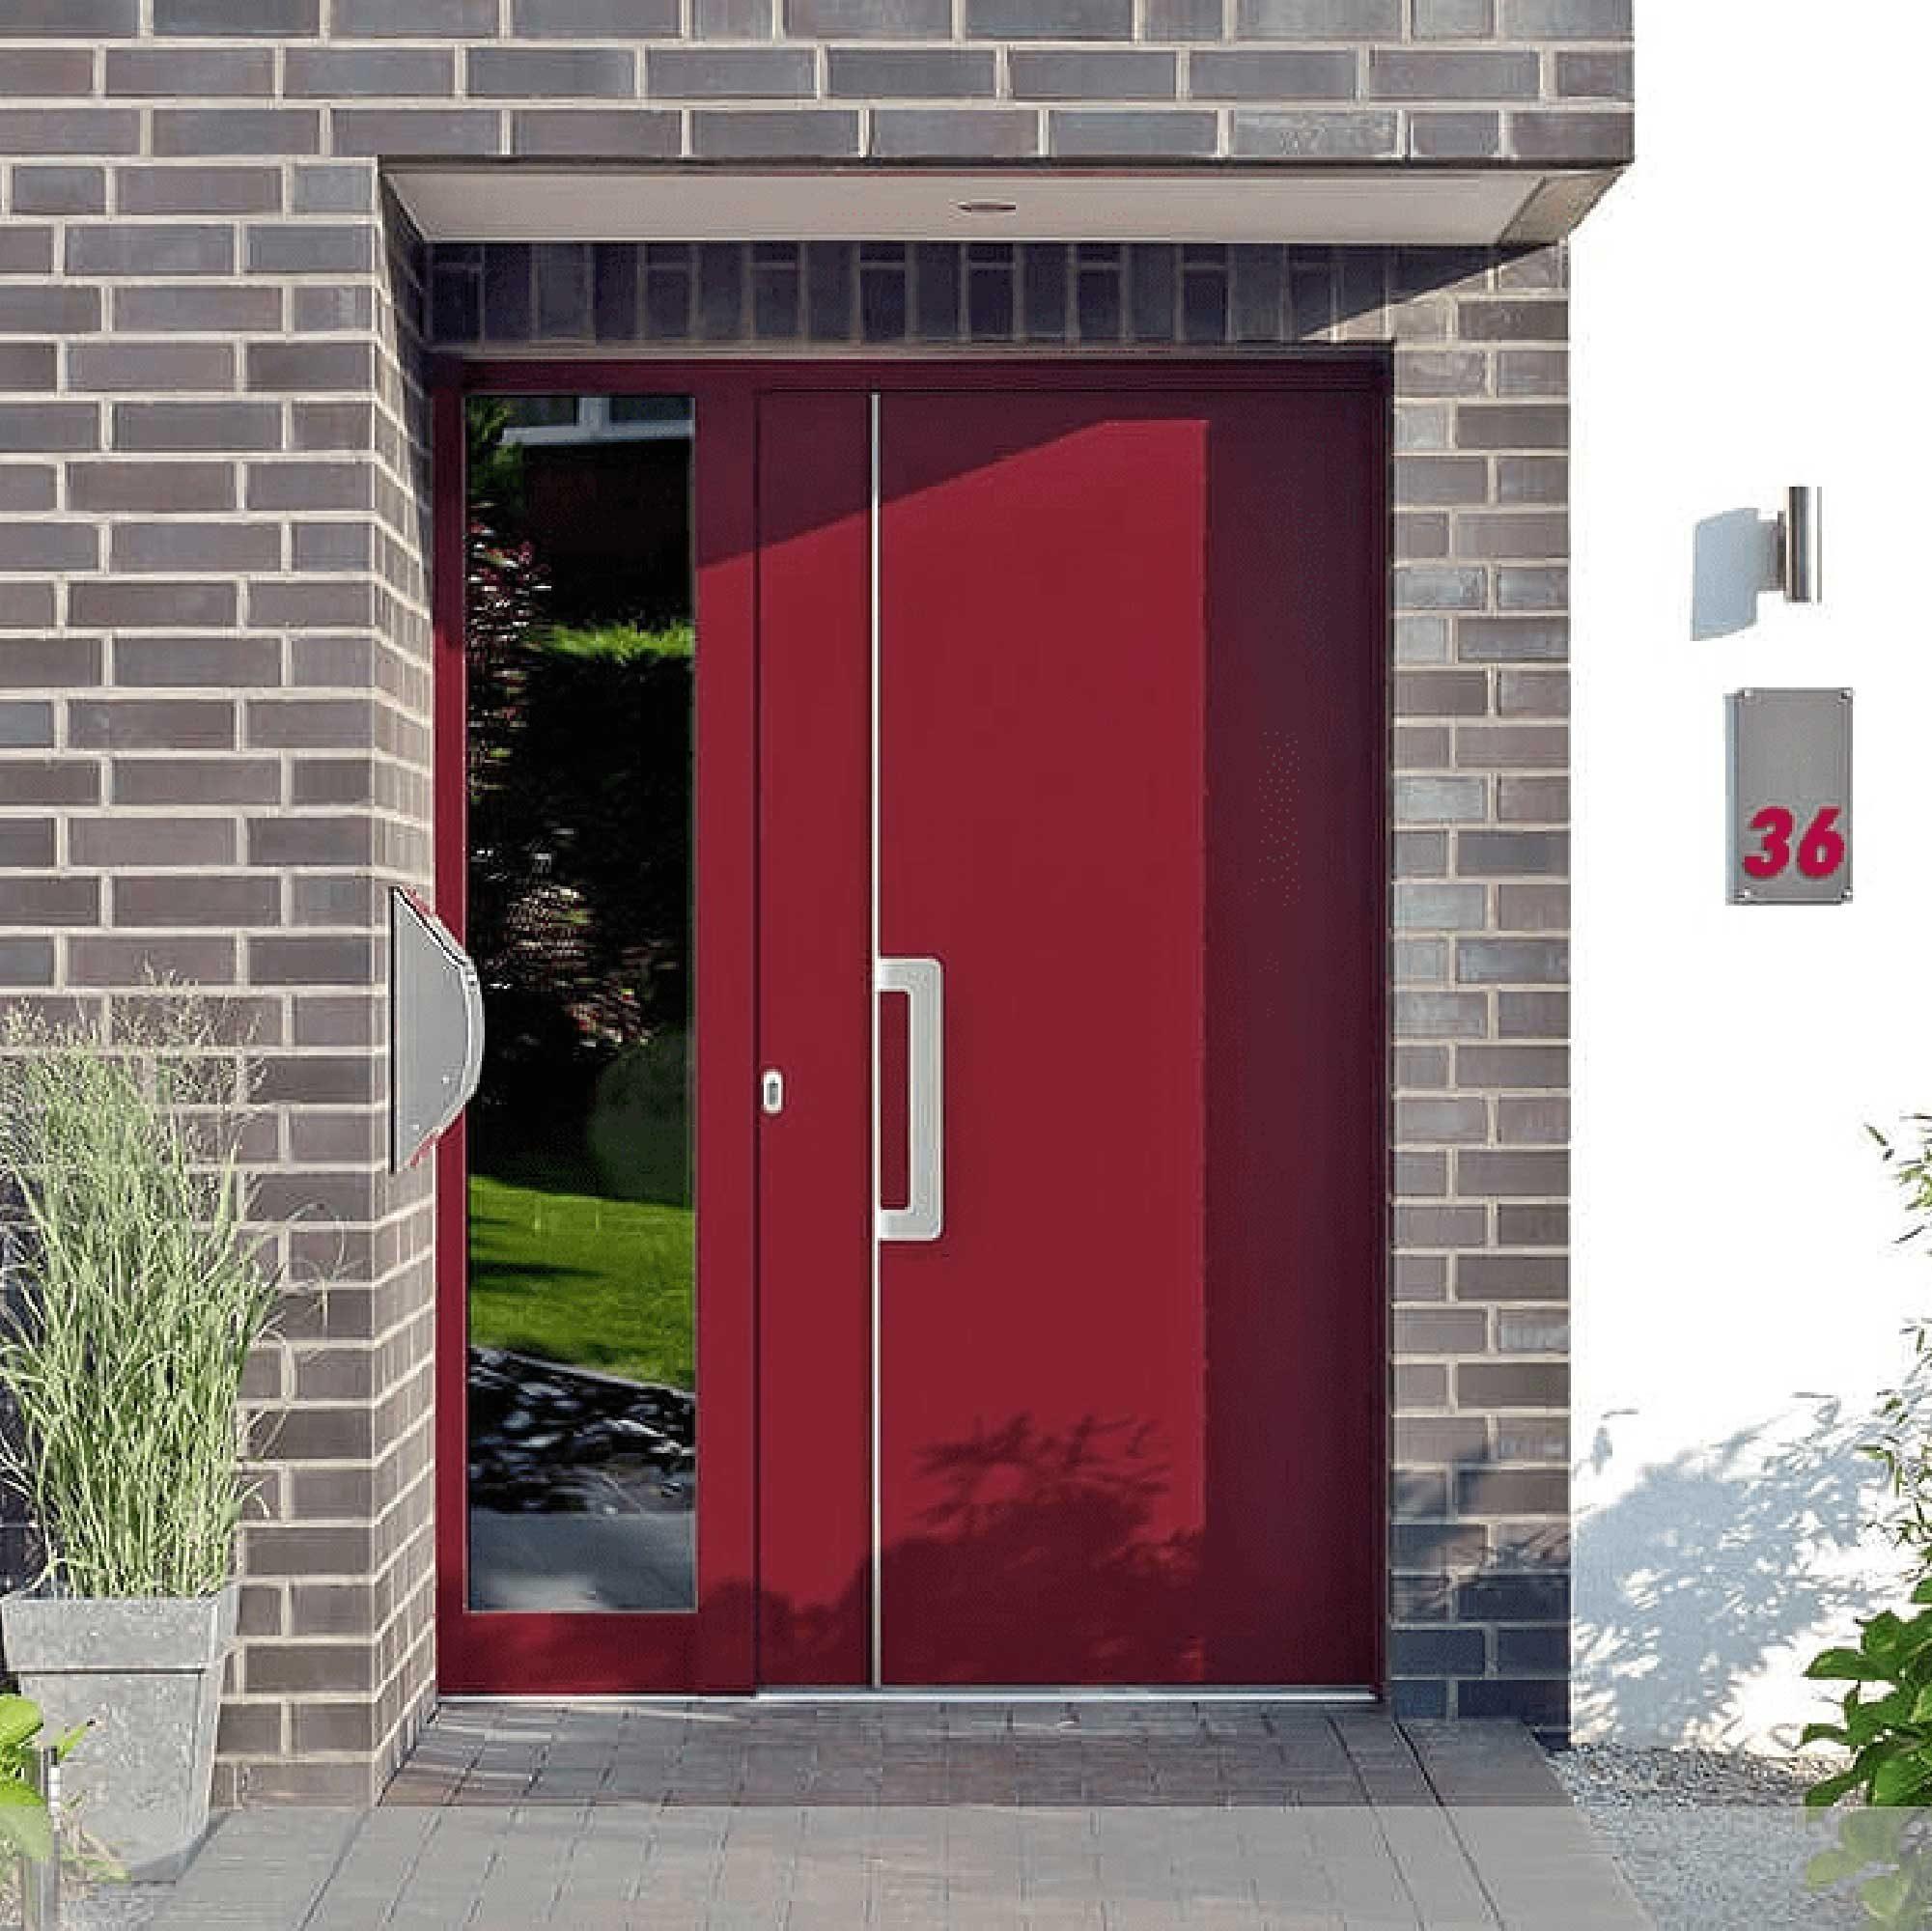 SG7-fortis-red-door